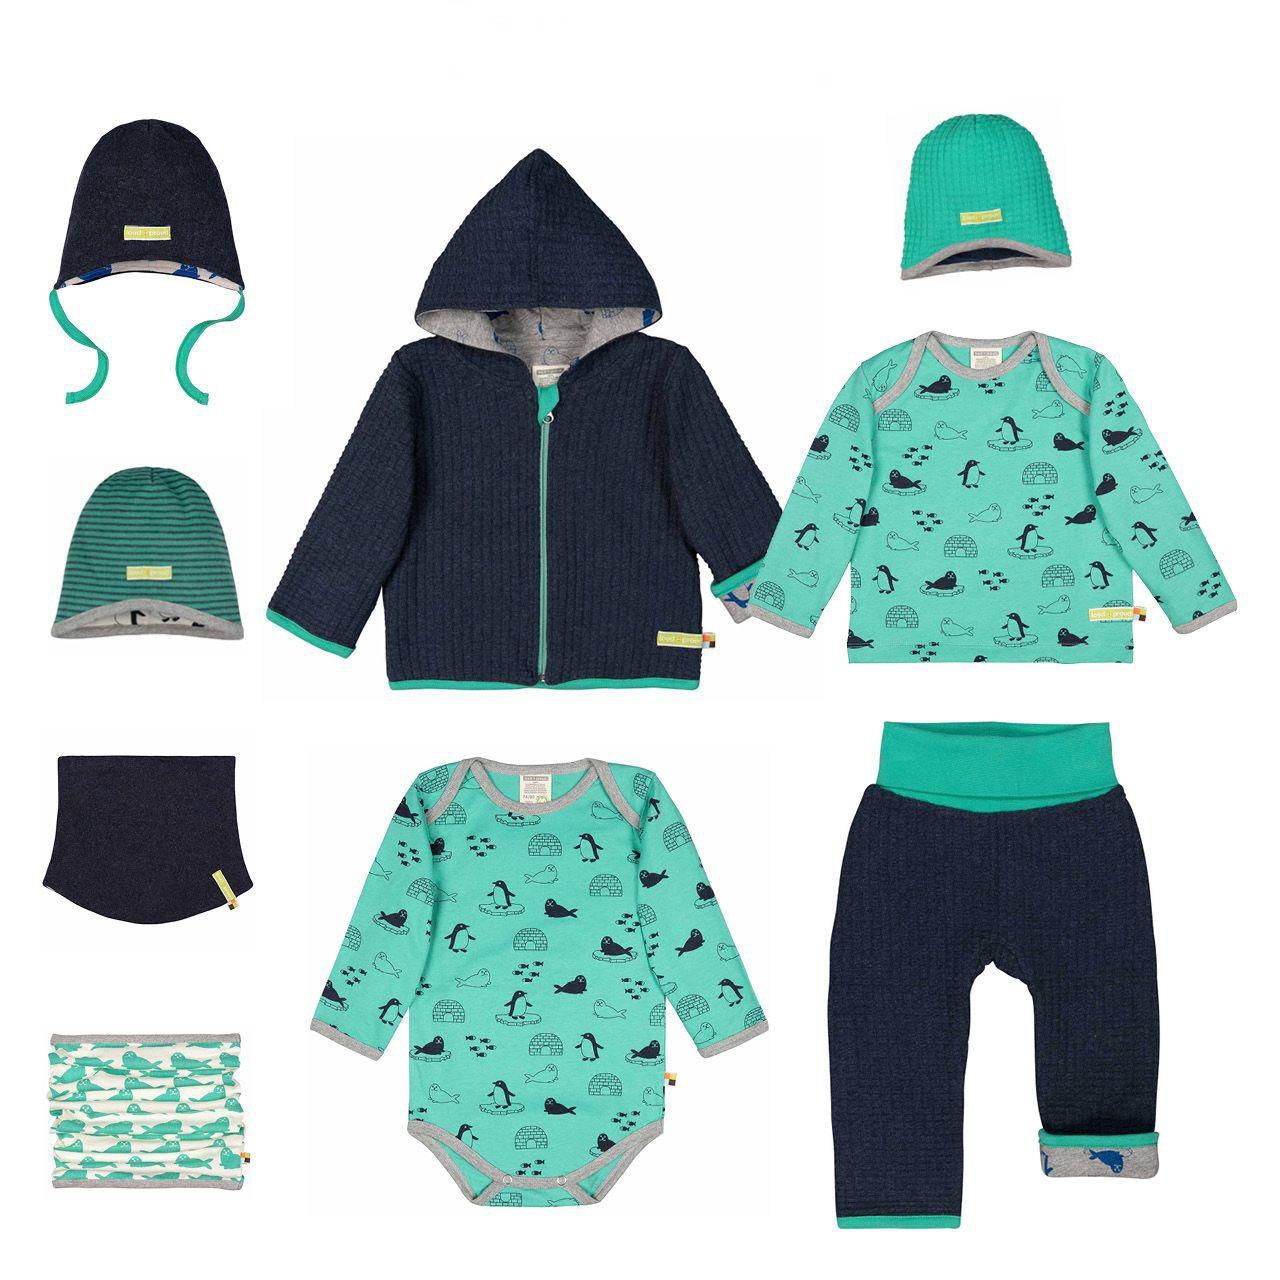 Téli Designer gyerekruha kollekció ötlet Kék-zöld